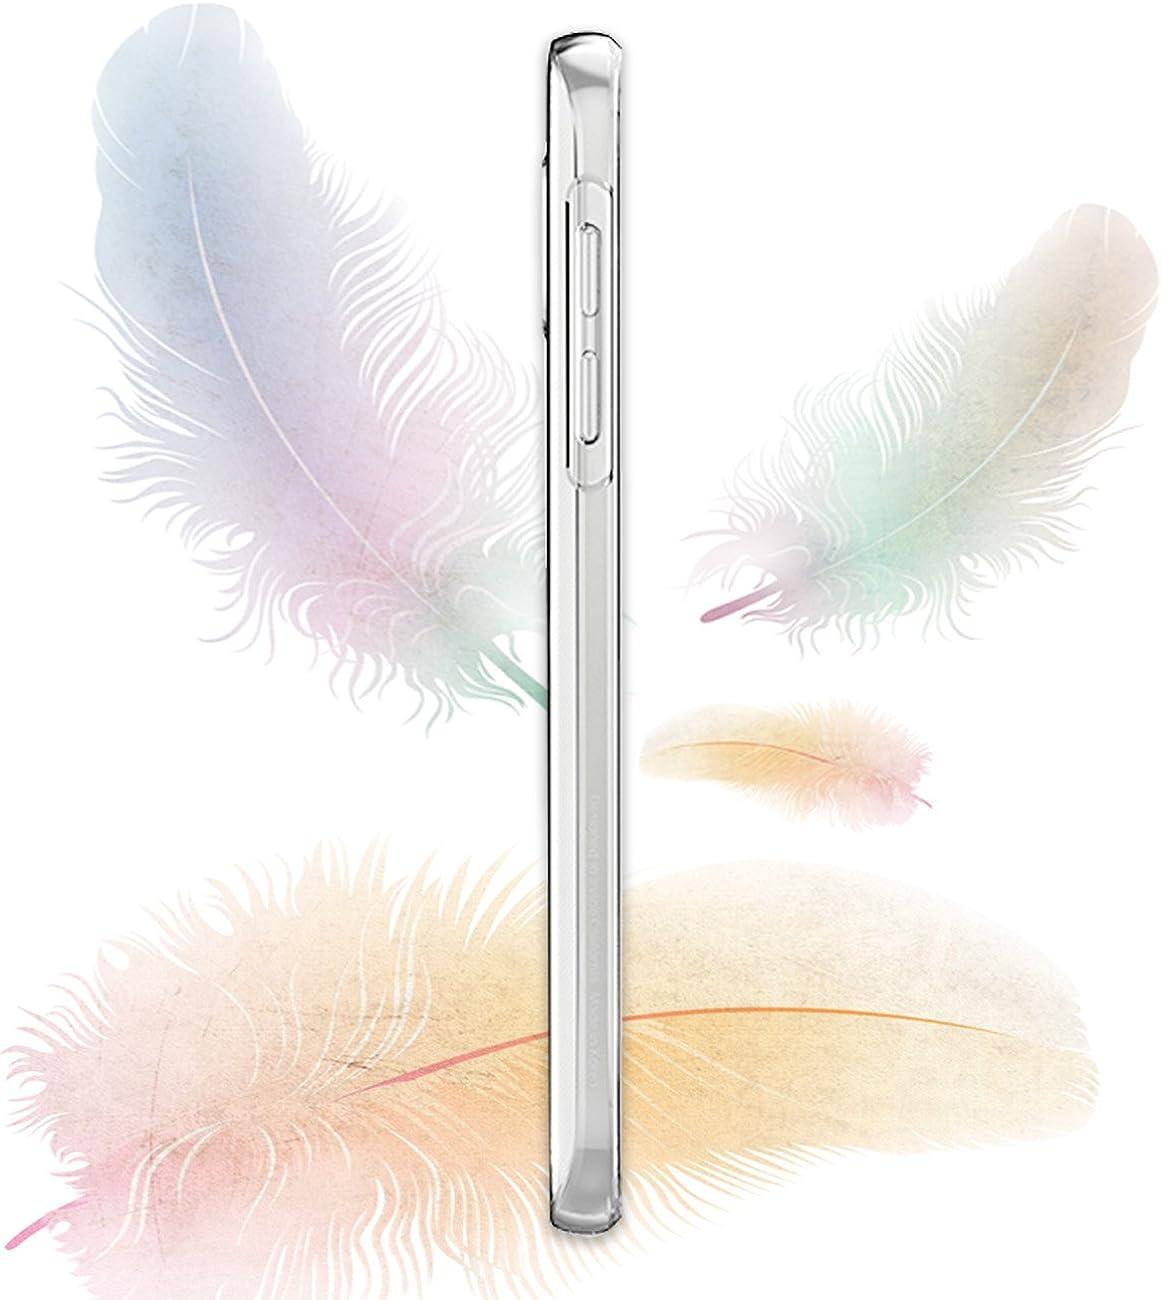 Transparent Anti-/égratignures Case Anti-Scrach Bumper pour S6 Edge Plus Ultra Mince Coque Compatible avec Samsung Galaxy S6 Edge Plus Silicone TPU Souple Housse 360 degr/és Protection